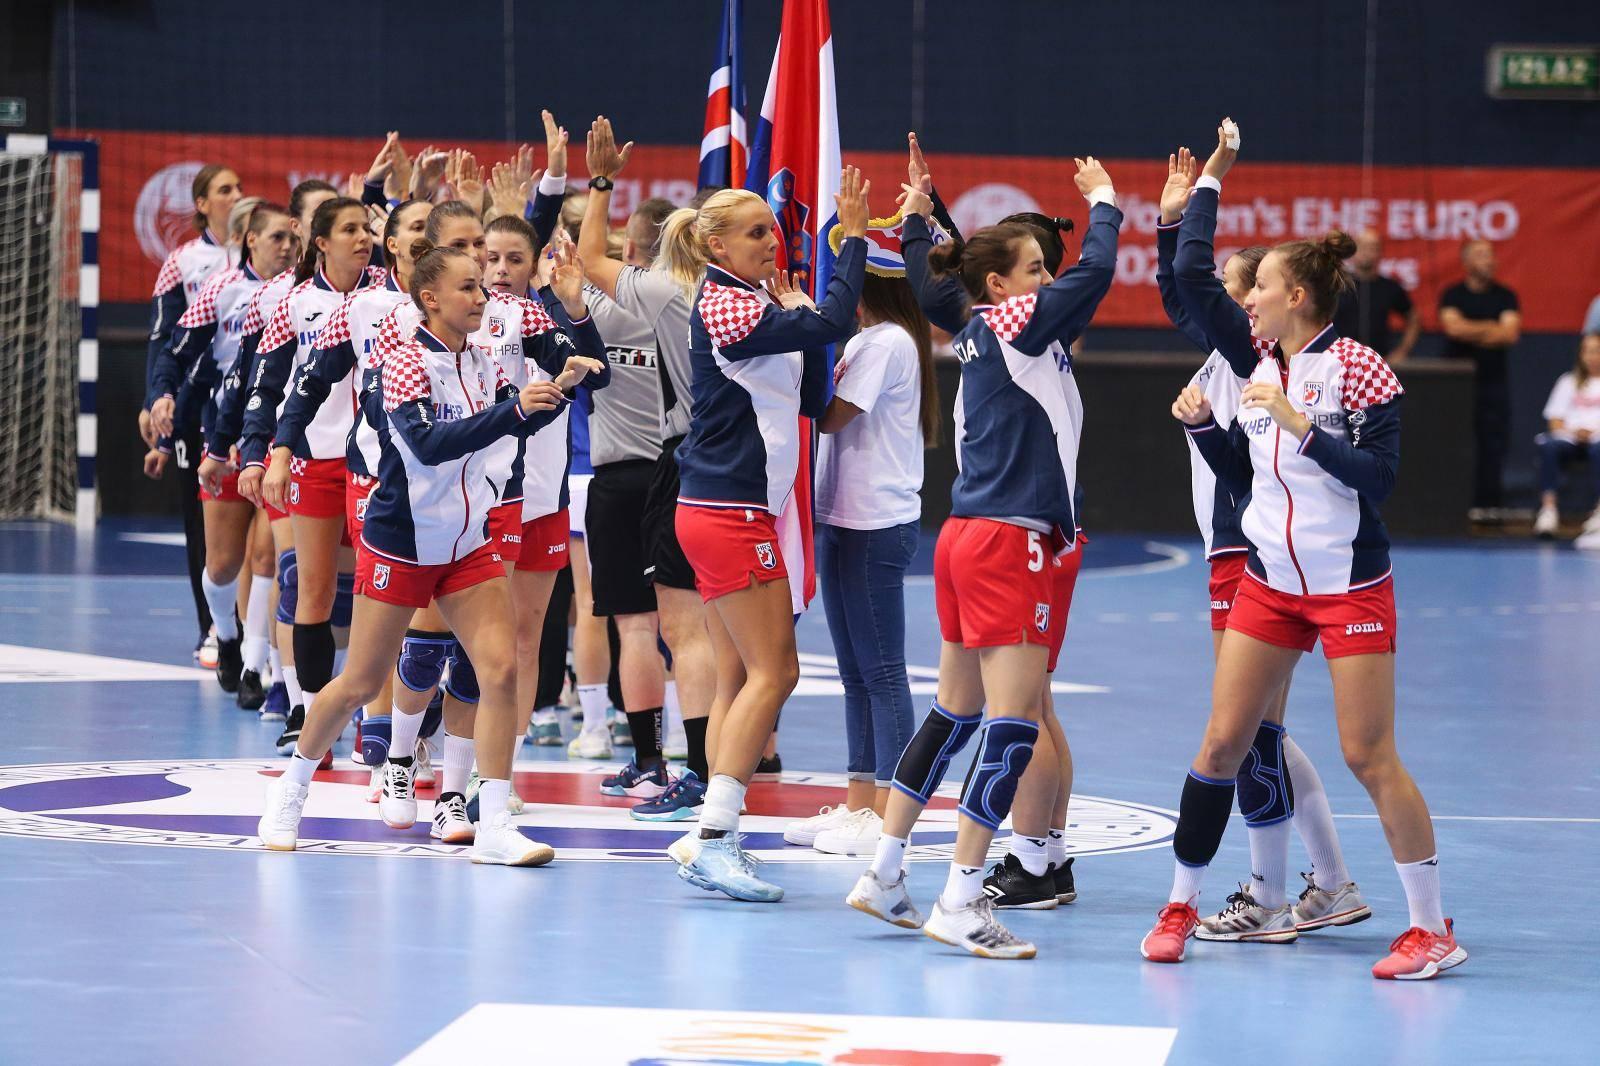 Osijek: Kvalifikacijska utakmica za žensko rukometno EP, Hrvatska - Island